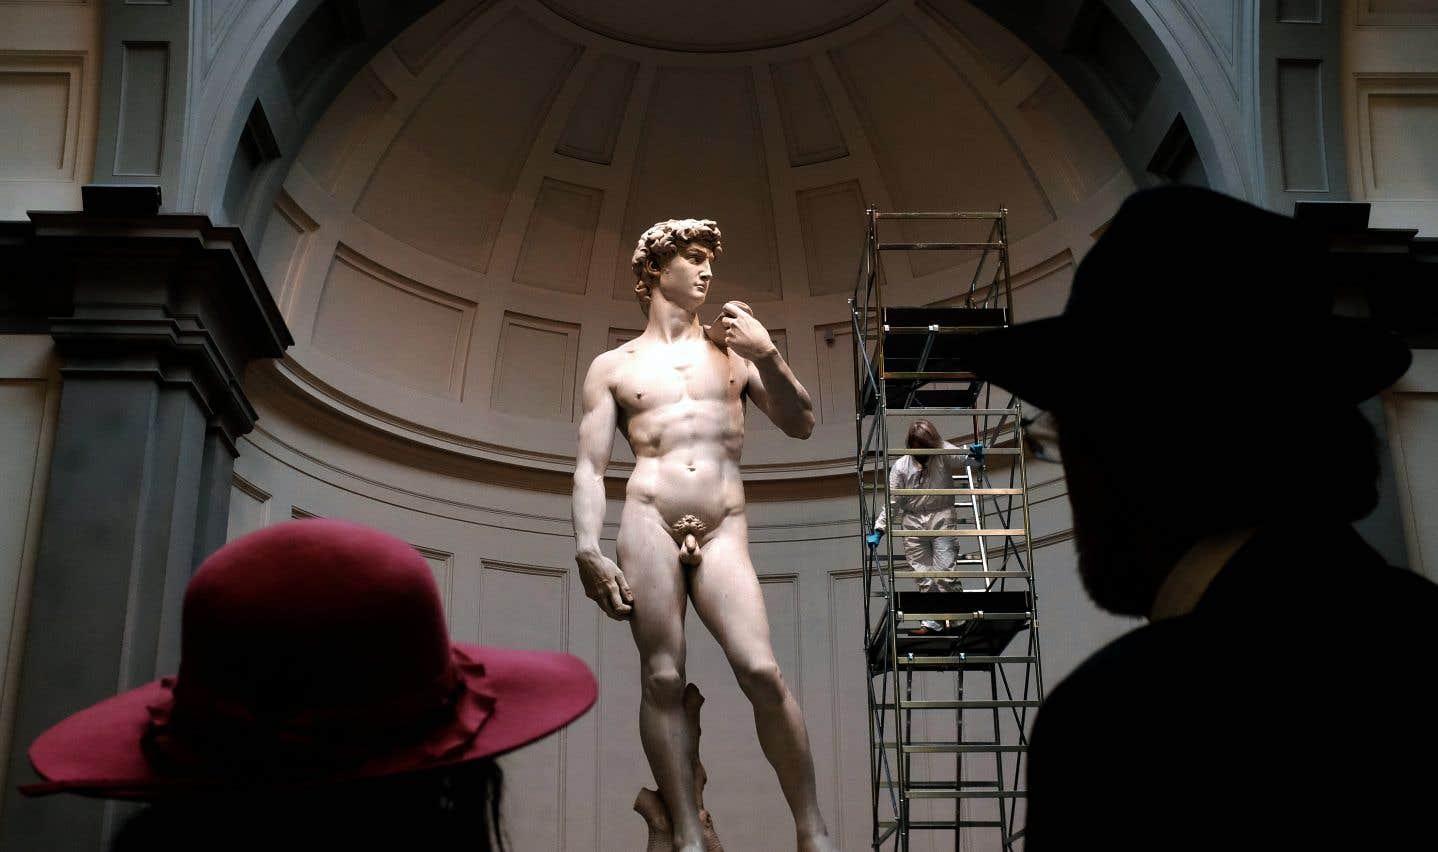 Le David de Michel-Ange a été sculpté vers 1504. Il est exposé à la Galleria dell'Accademia, à Florence, en Italie.